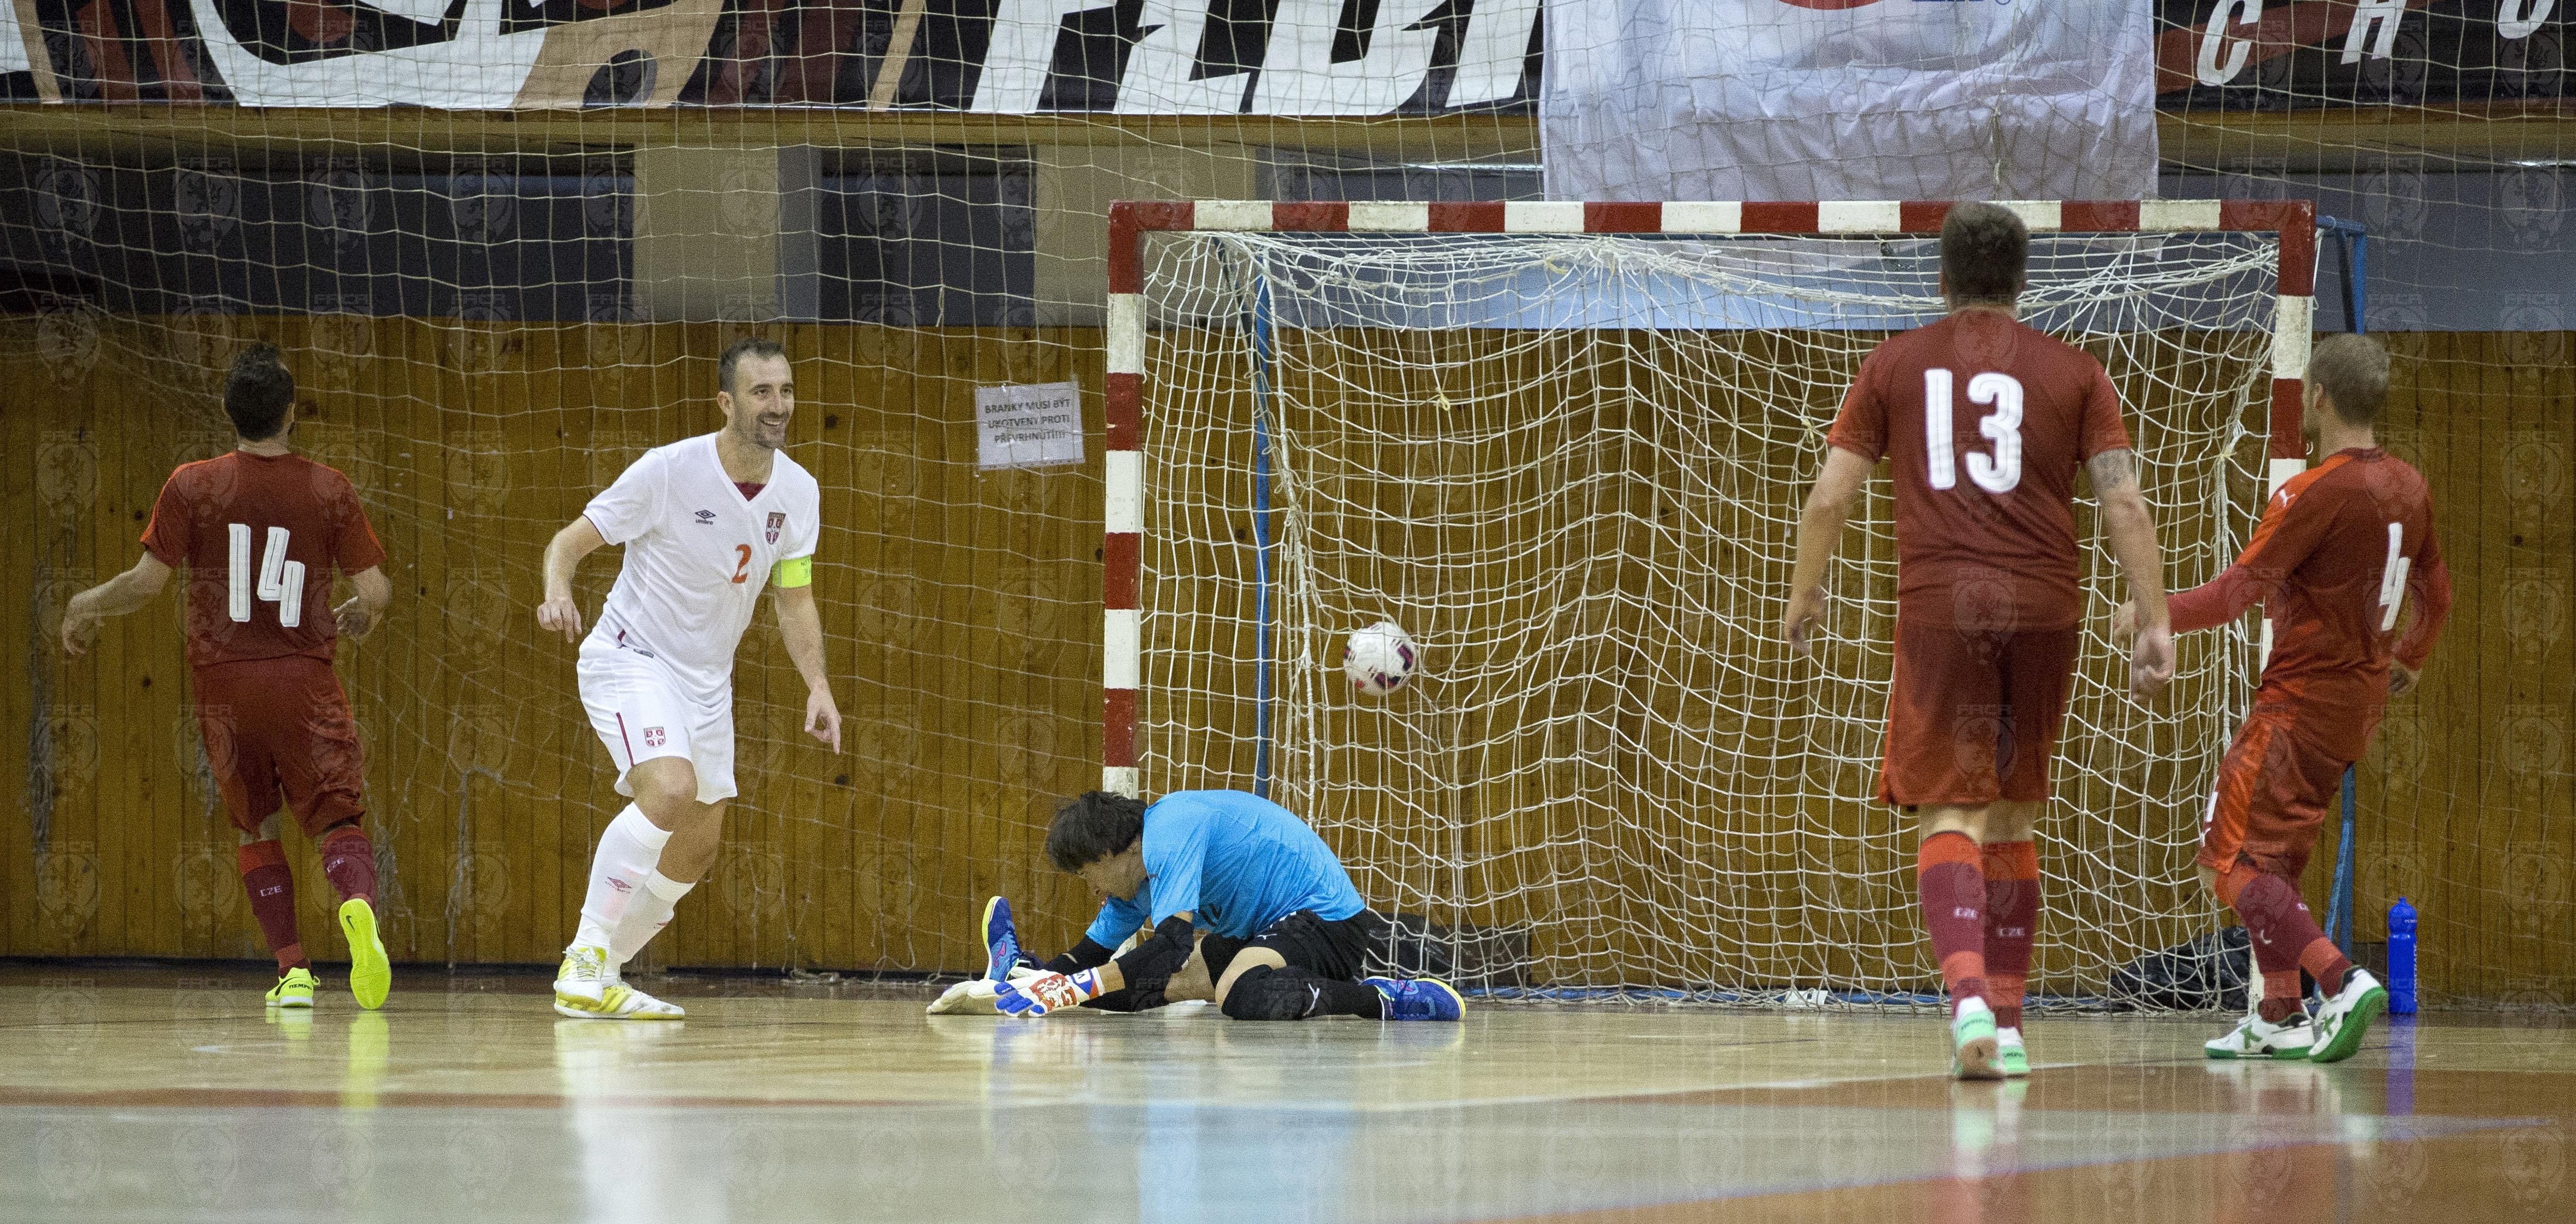 Slikovni rezultat za futsal  česka srbsko